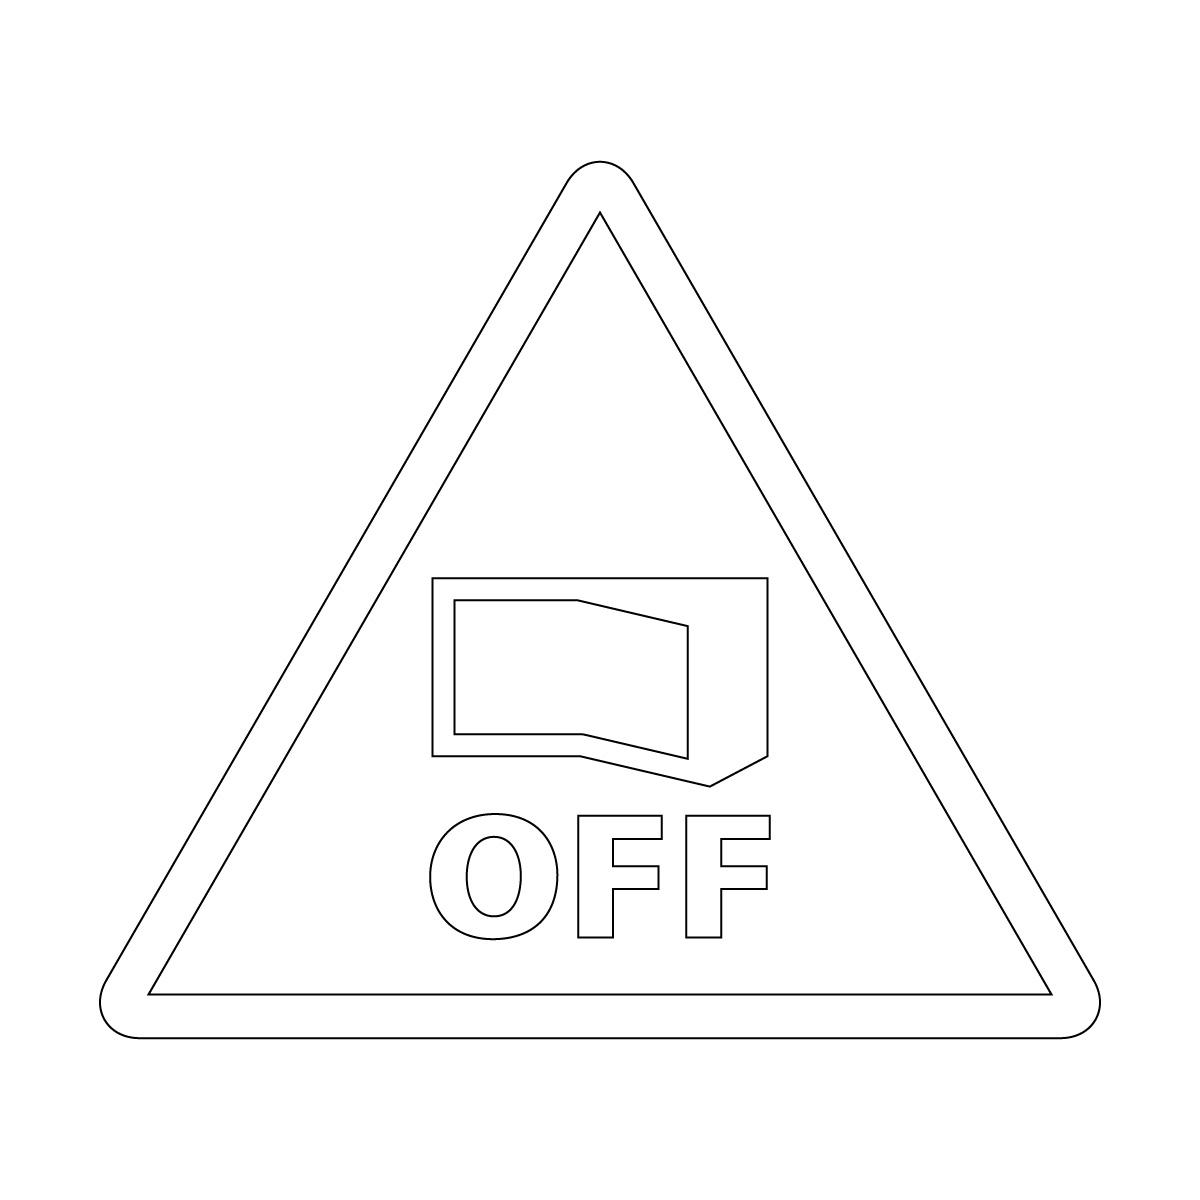 白色の節電注意・電源OFF確認マークのカッティングステッカー・シール 光沢タイプ・防水・耐水・屋外耐候3~4年